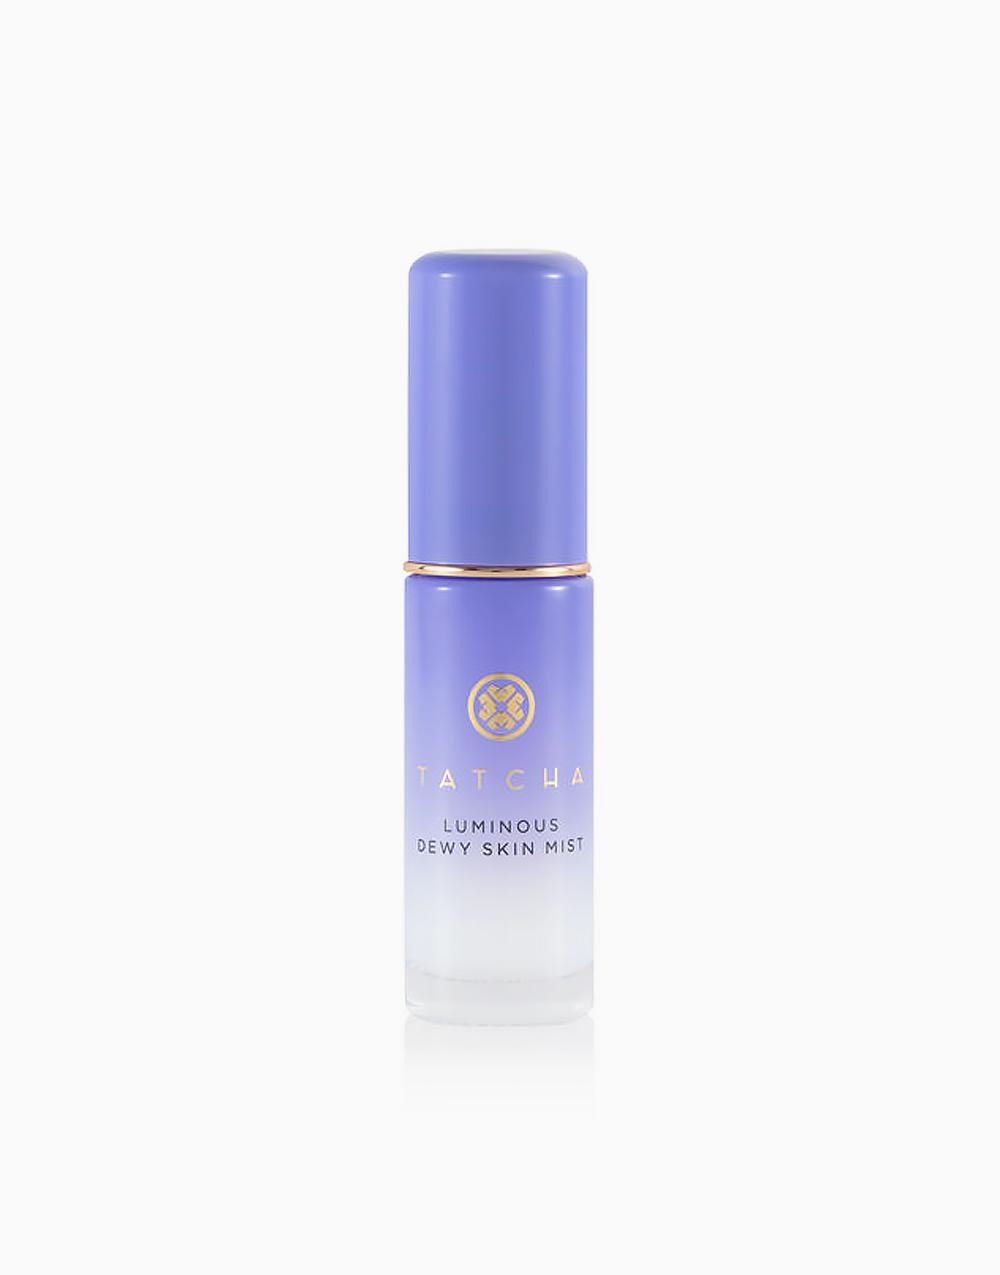 Luminous Dewy Skin Mist Mini (12ml) by Tatcha